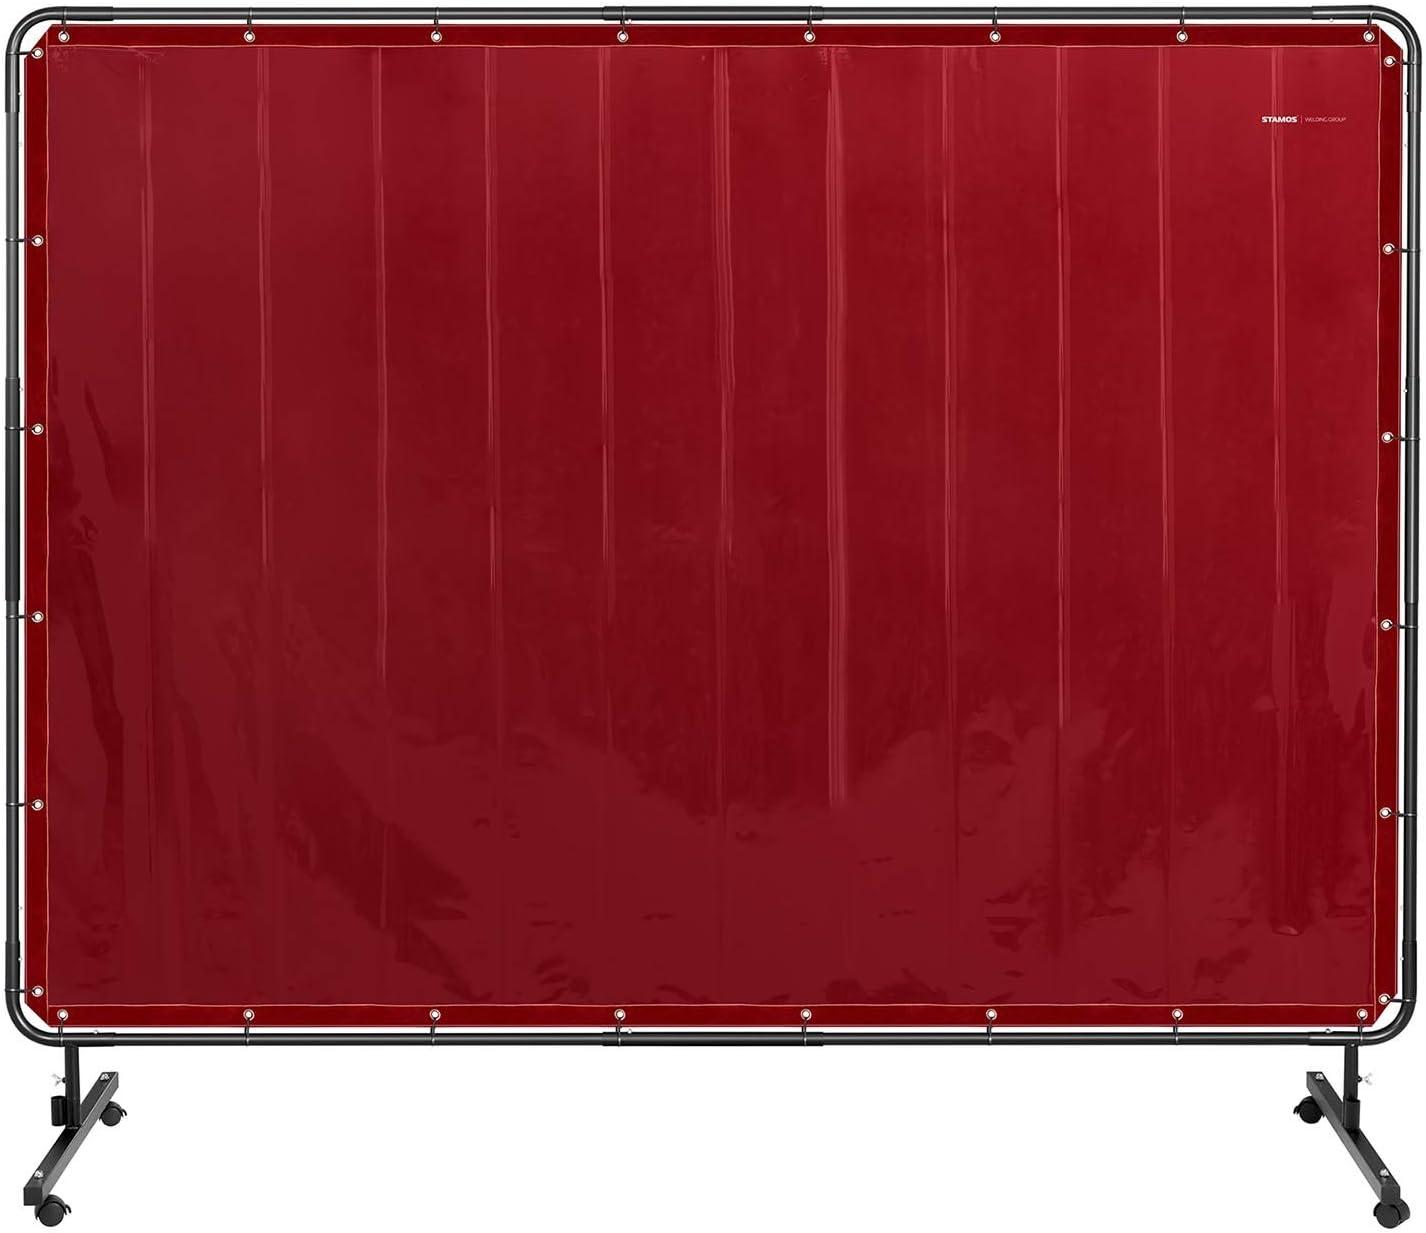 239 x 196 cm, Conformit/é EN ISO 25980, Coutures KEVLAR/®, Vinyle 0,4 mm, Cadre En Acier Inclus Stamos Welding Group Rideau De Soudure B/âche Ignifug/ée /Écran De Protection Ignifug/é Accessoire SWS04